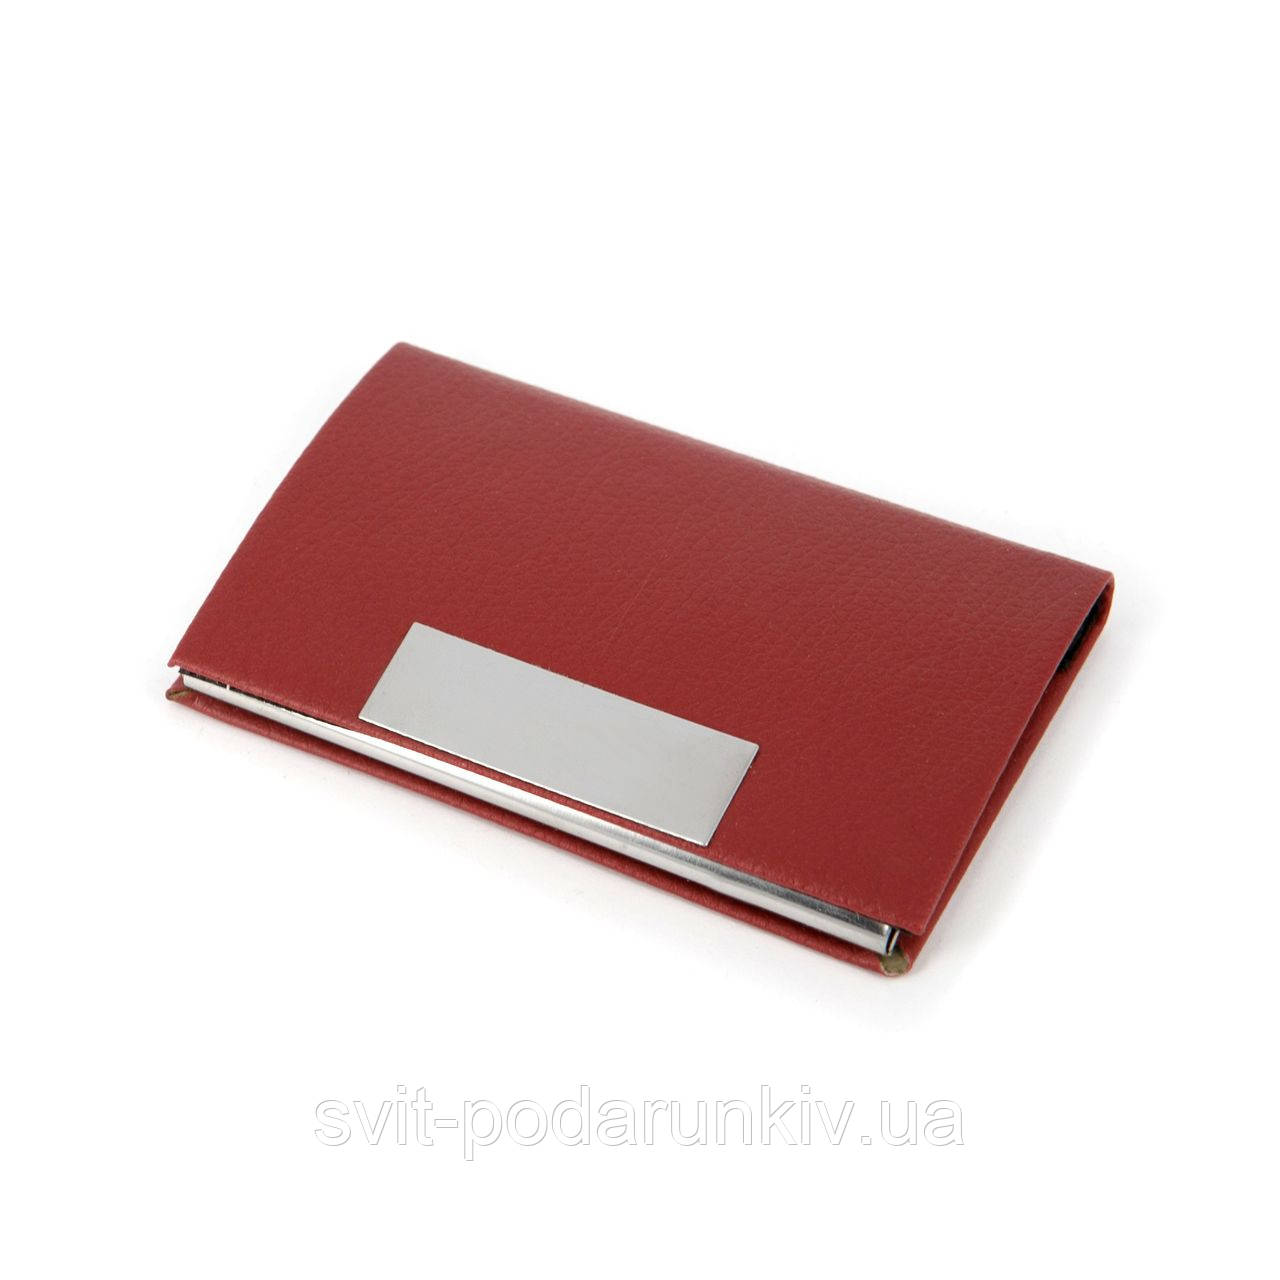 Визитница карманная женская S624-1